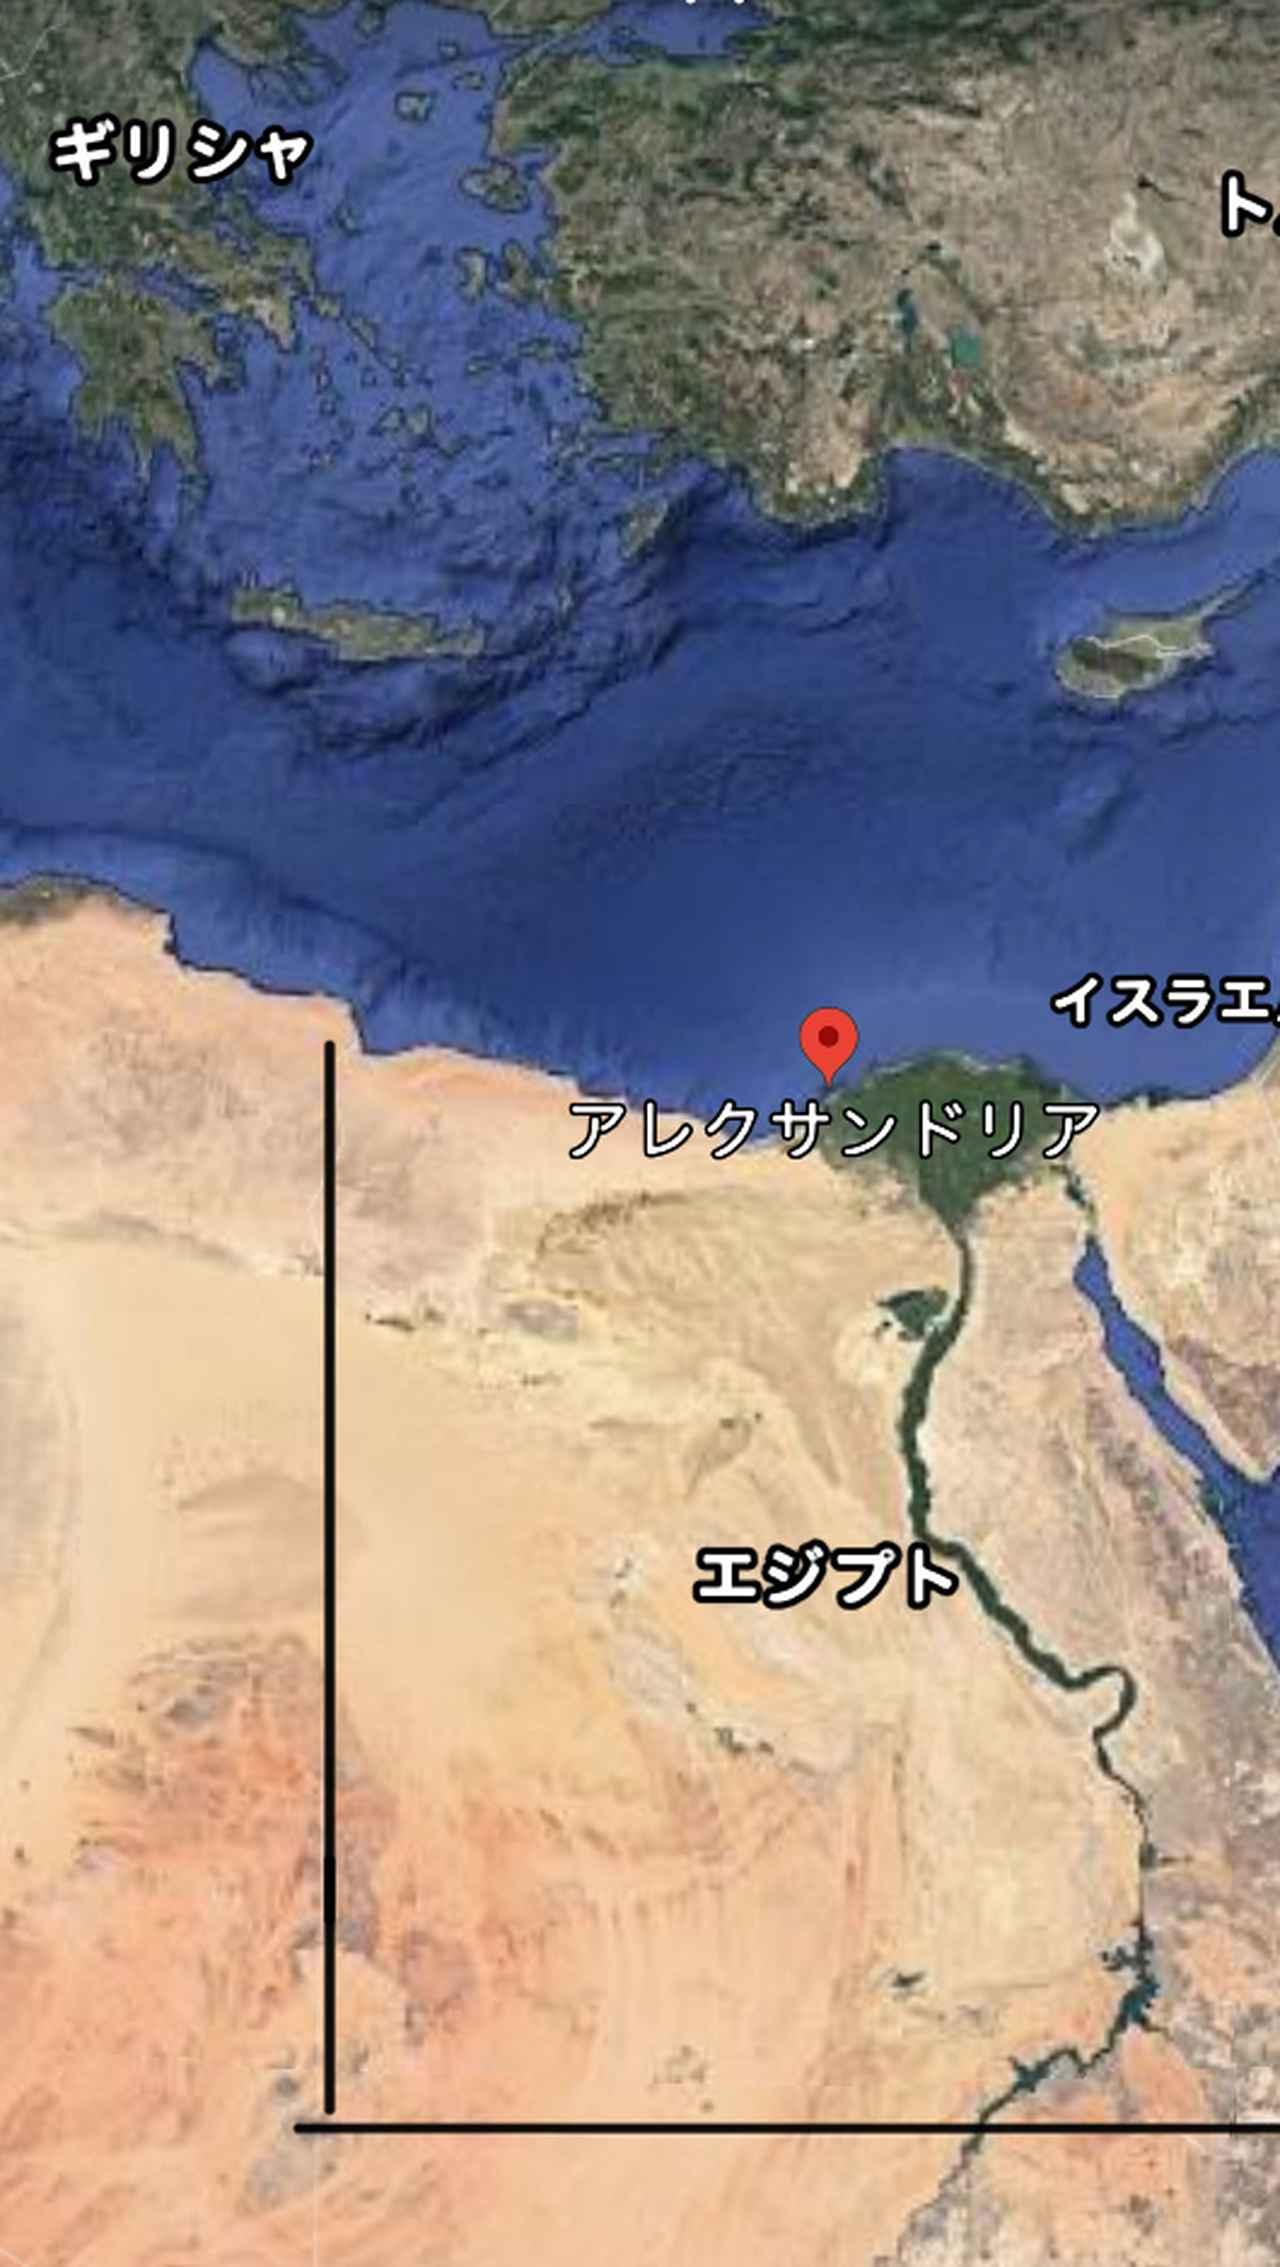 画像: Google Earth